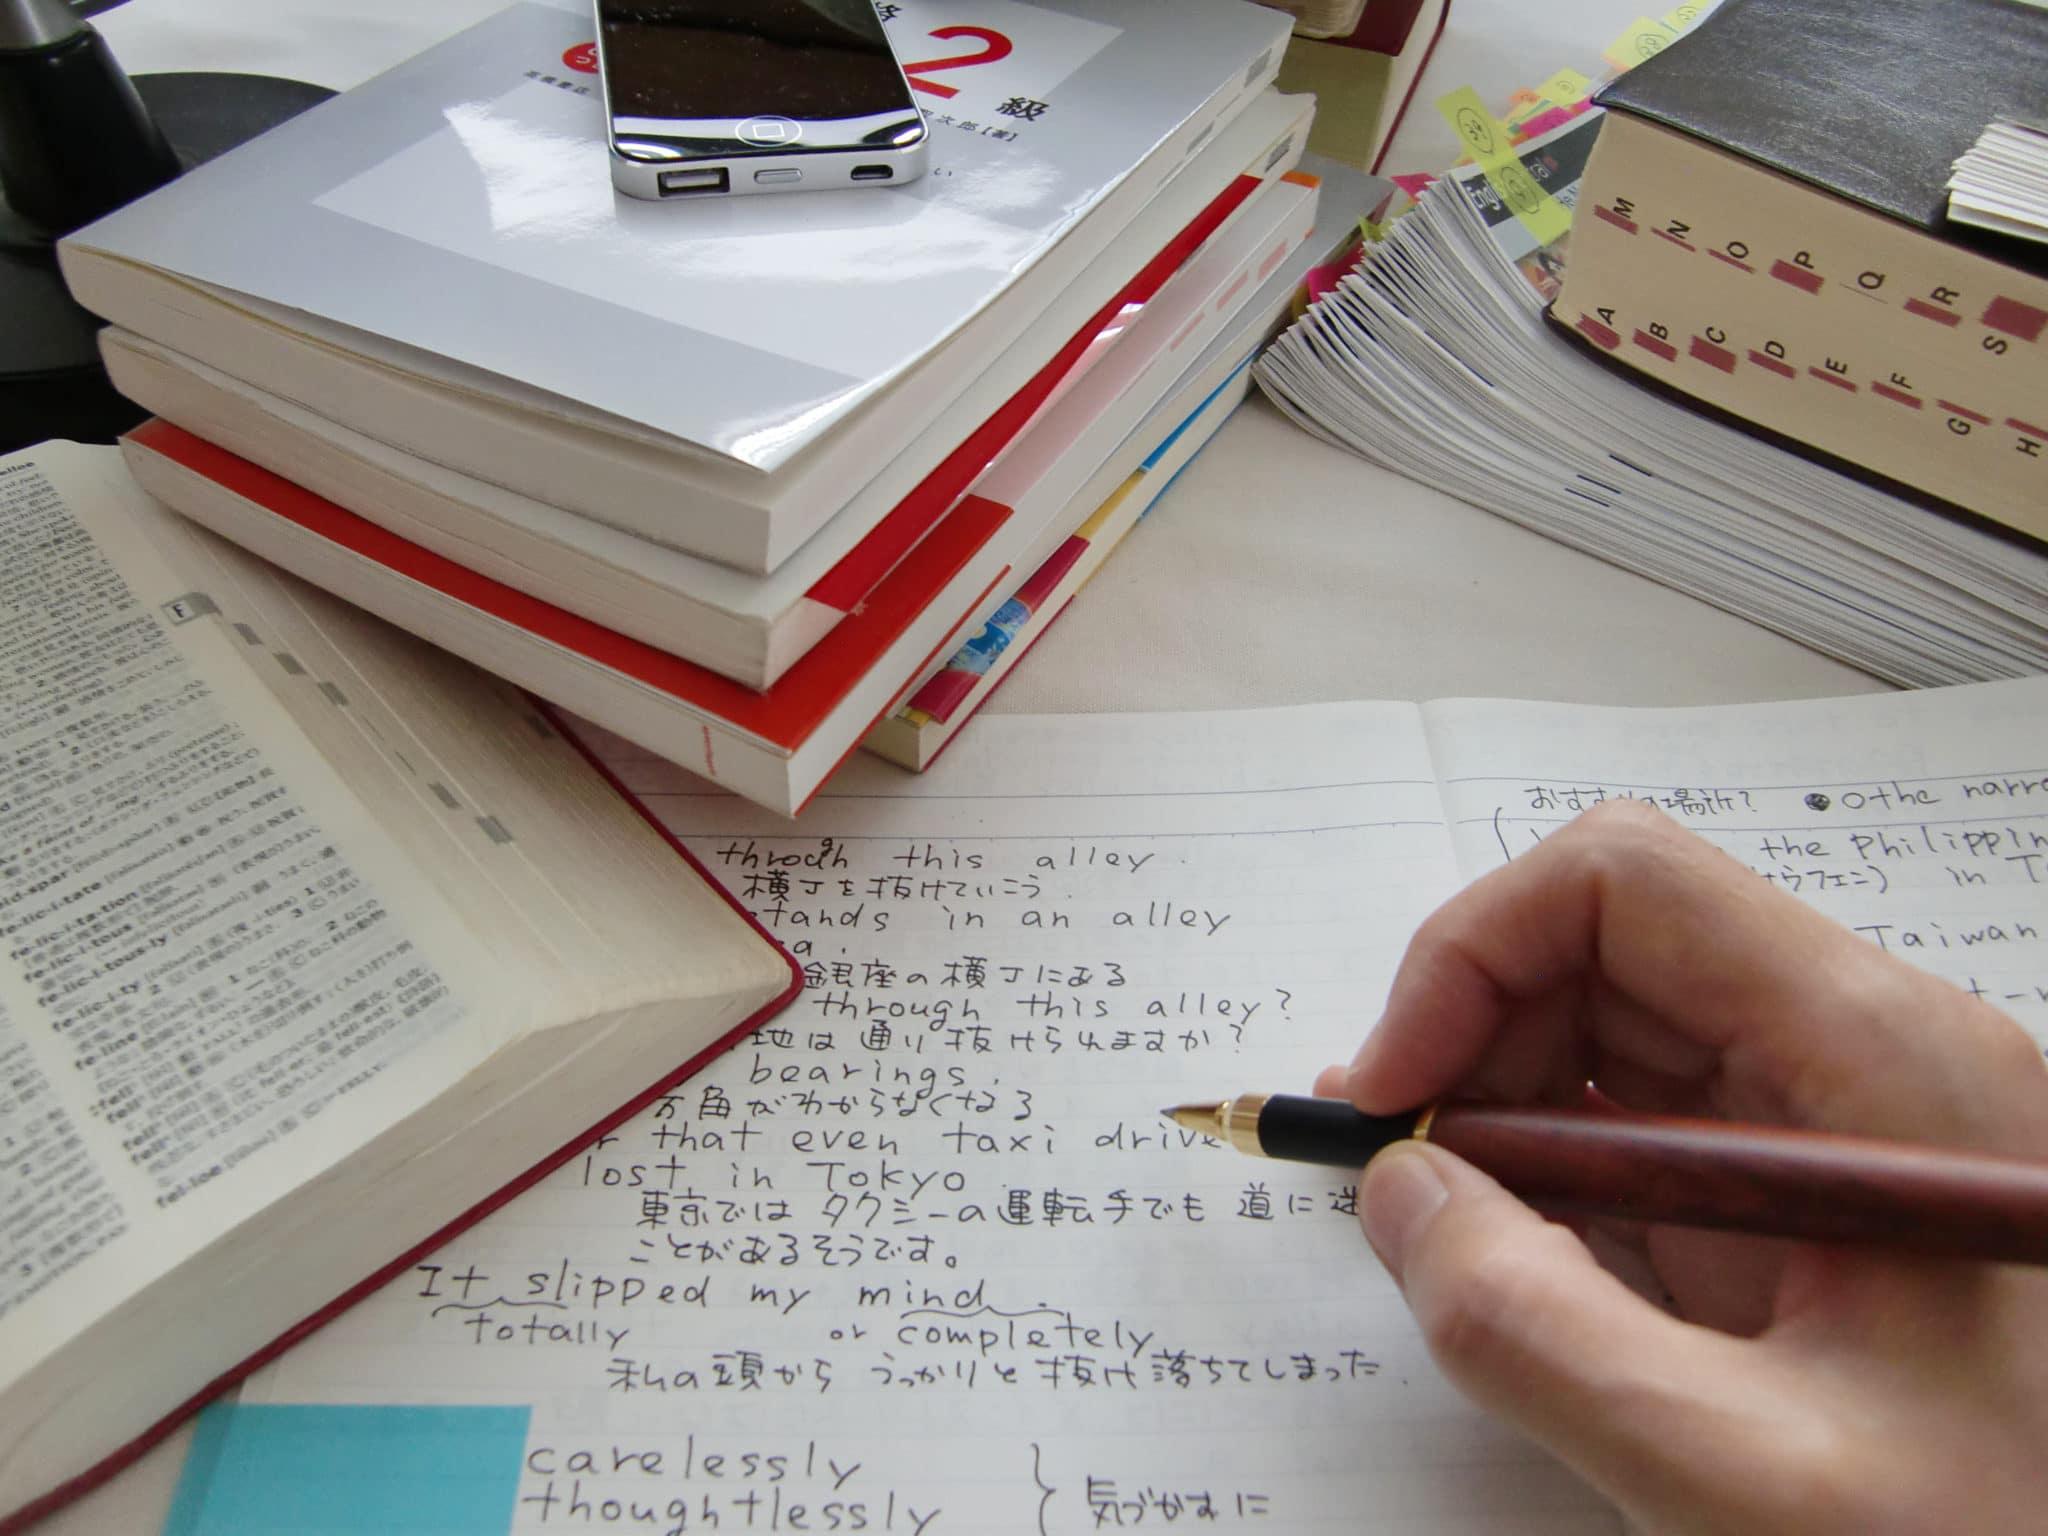 フィリピン留学の準備8:英語の事前学習を始める